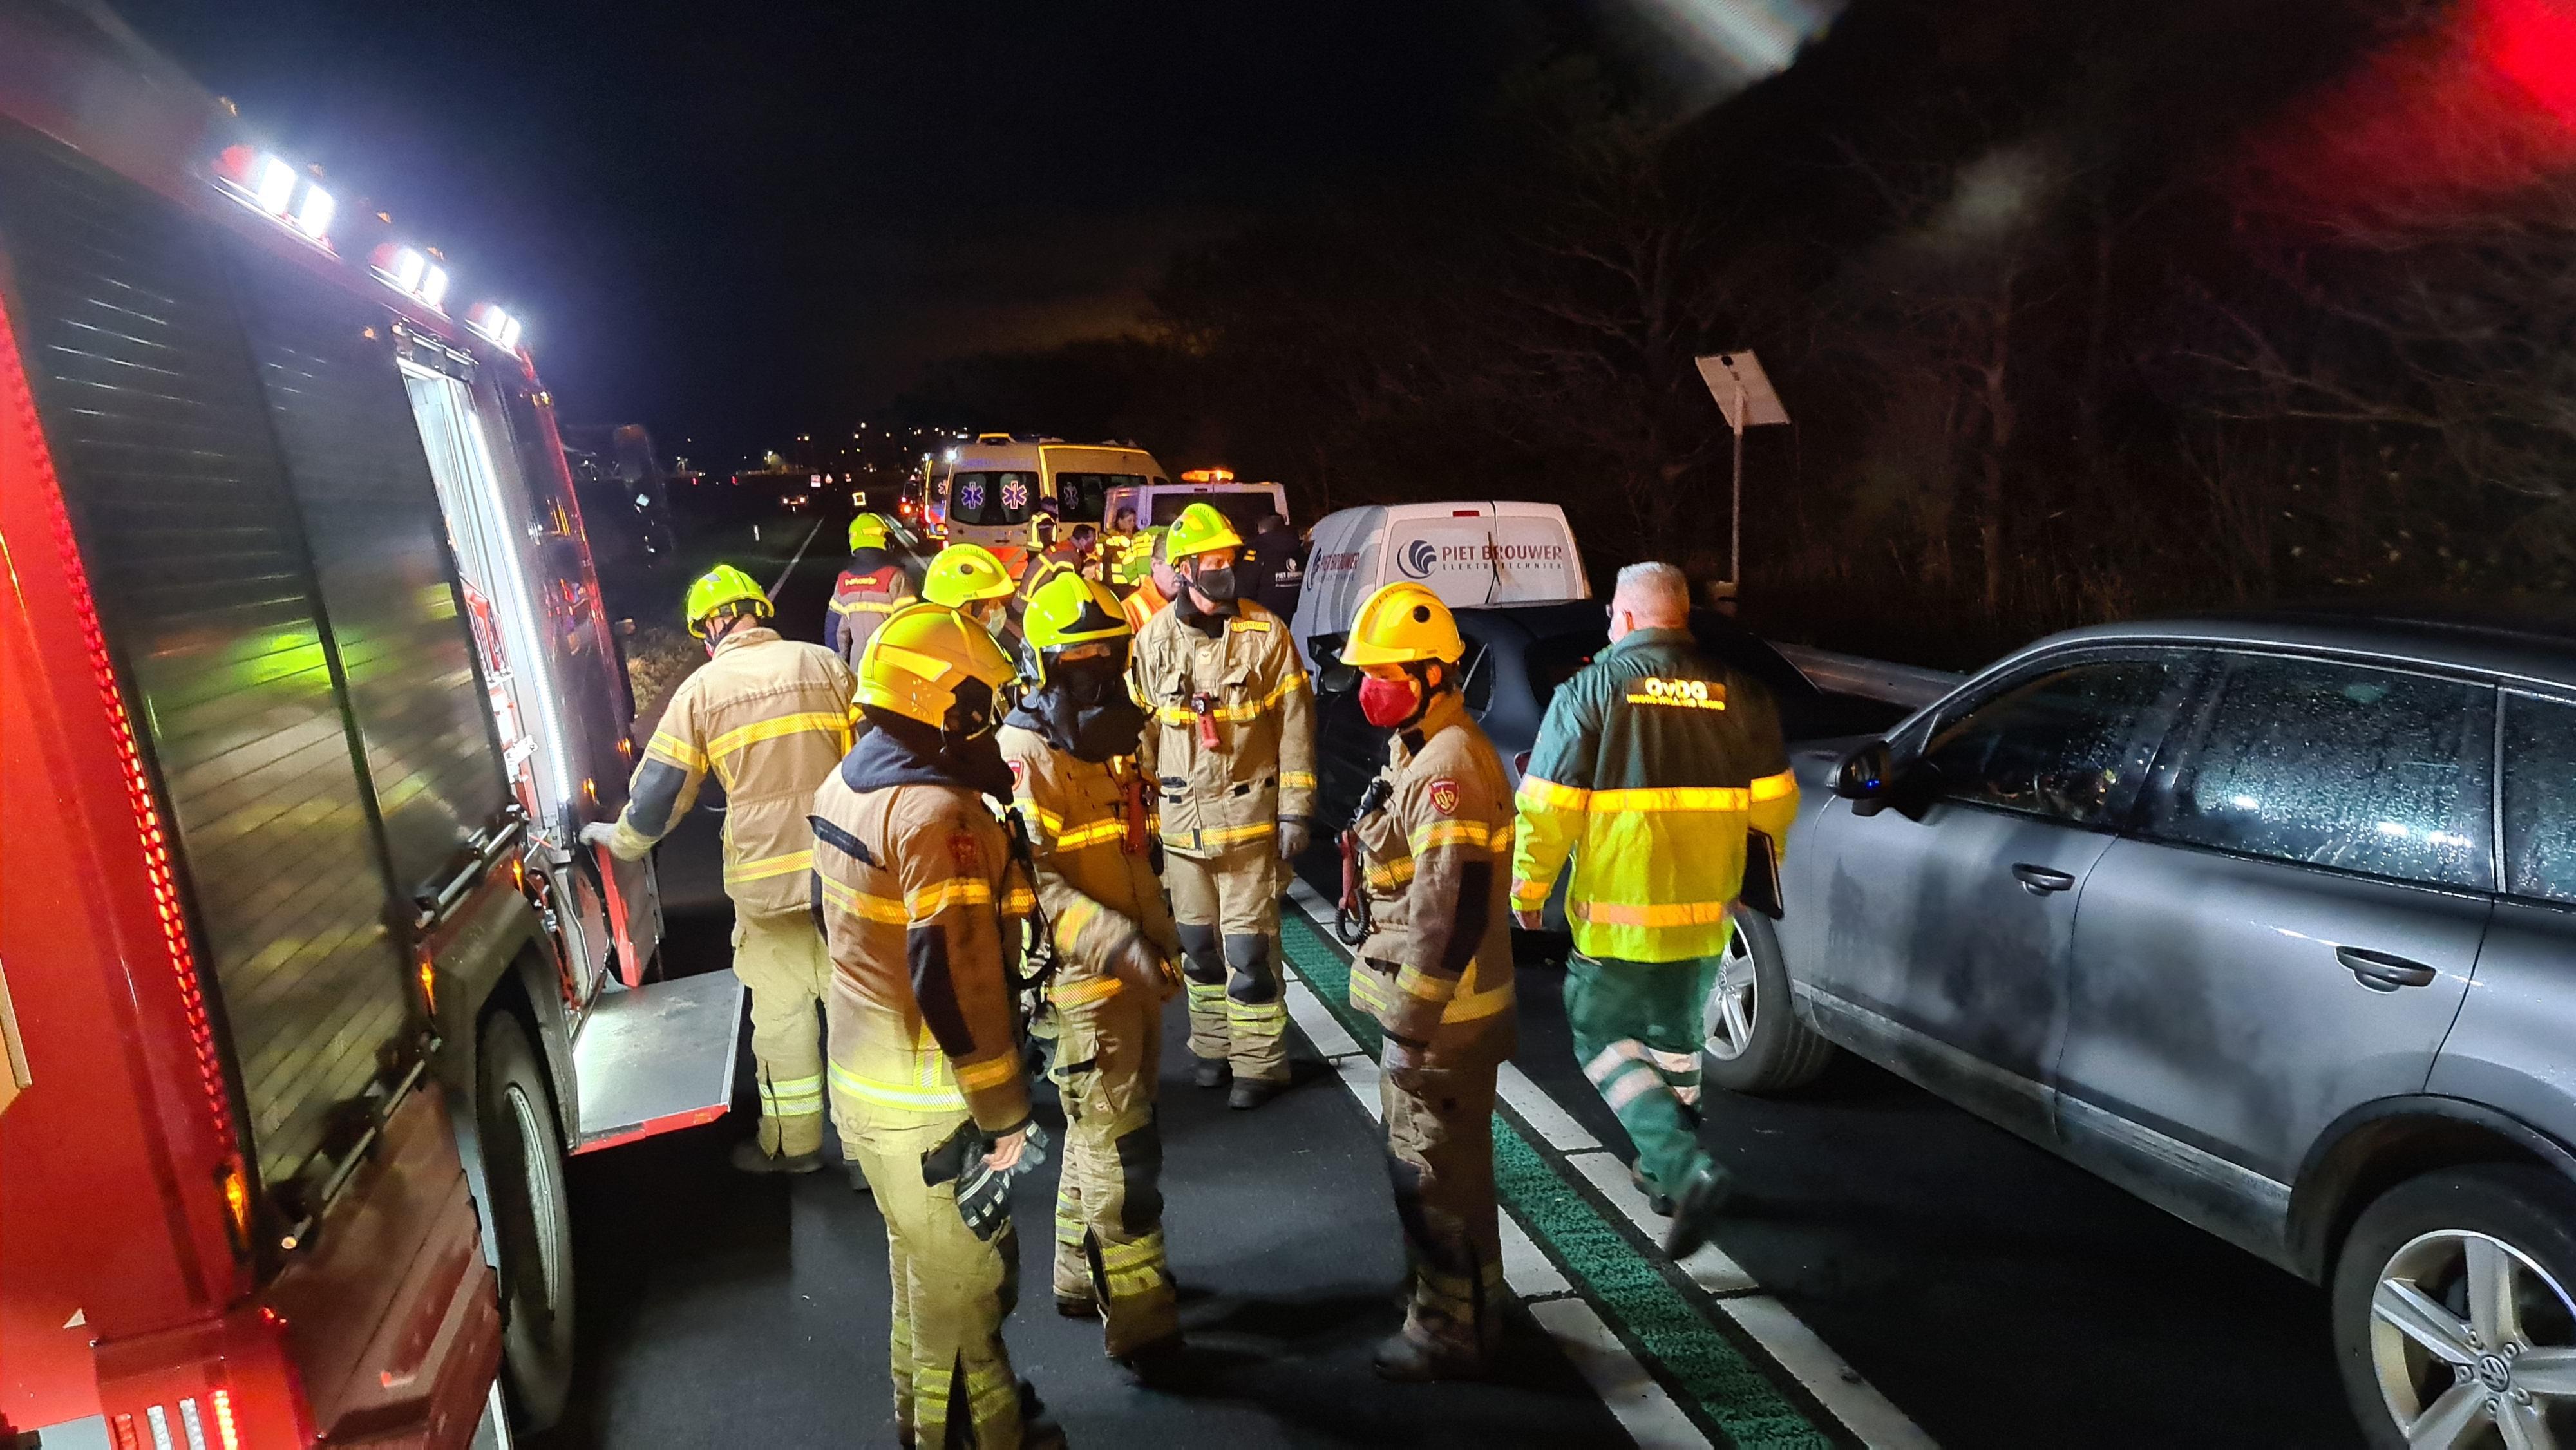 Negen voertuigen betrokken bij kop-staartbotsing op N99 bij Breezand, drie gewonden